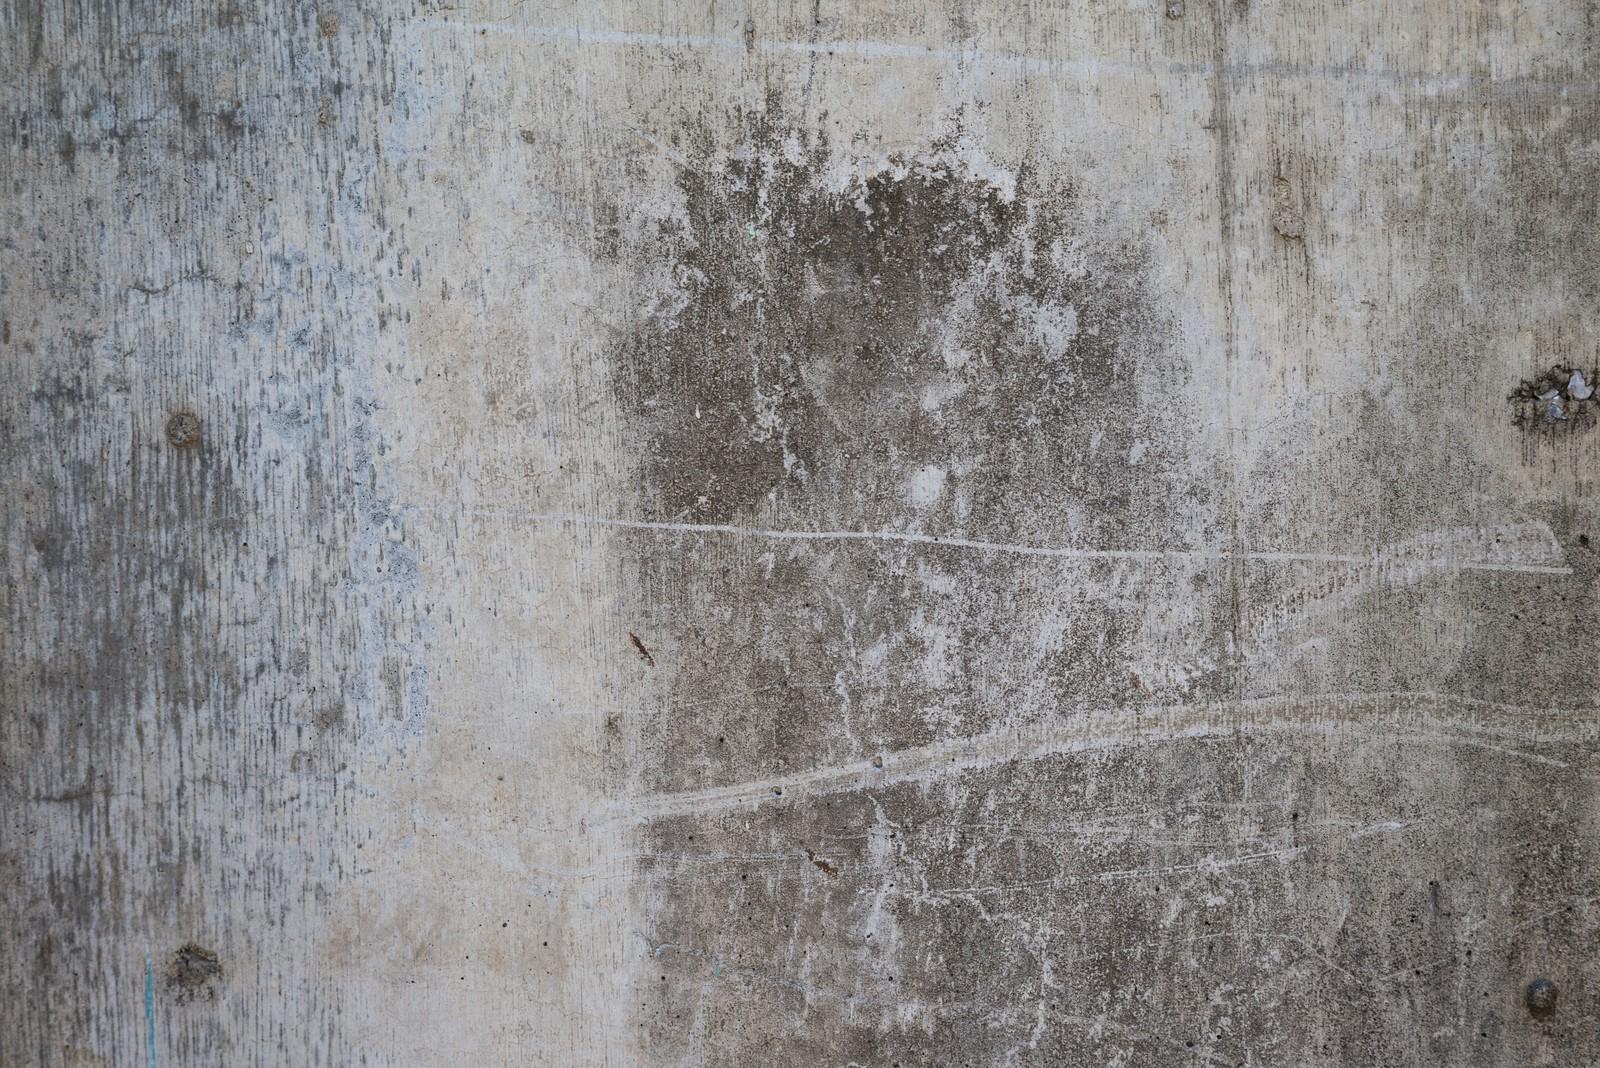 壁のシミの恐怖!事故物件に住んだ学生の話